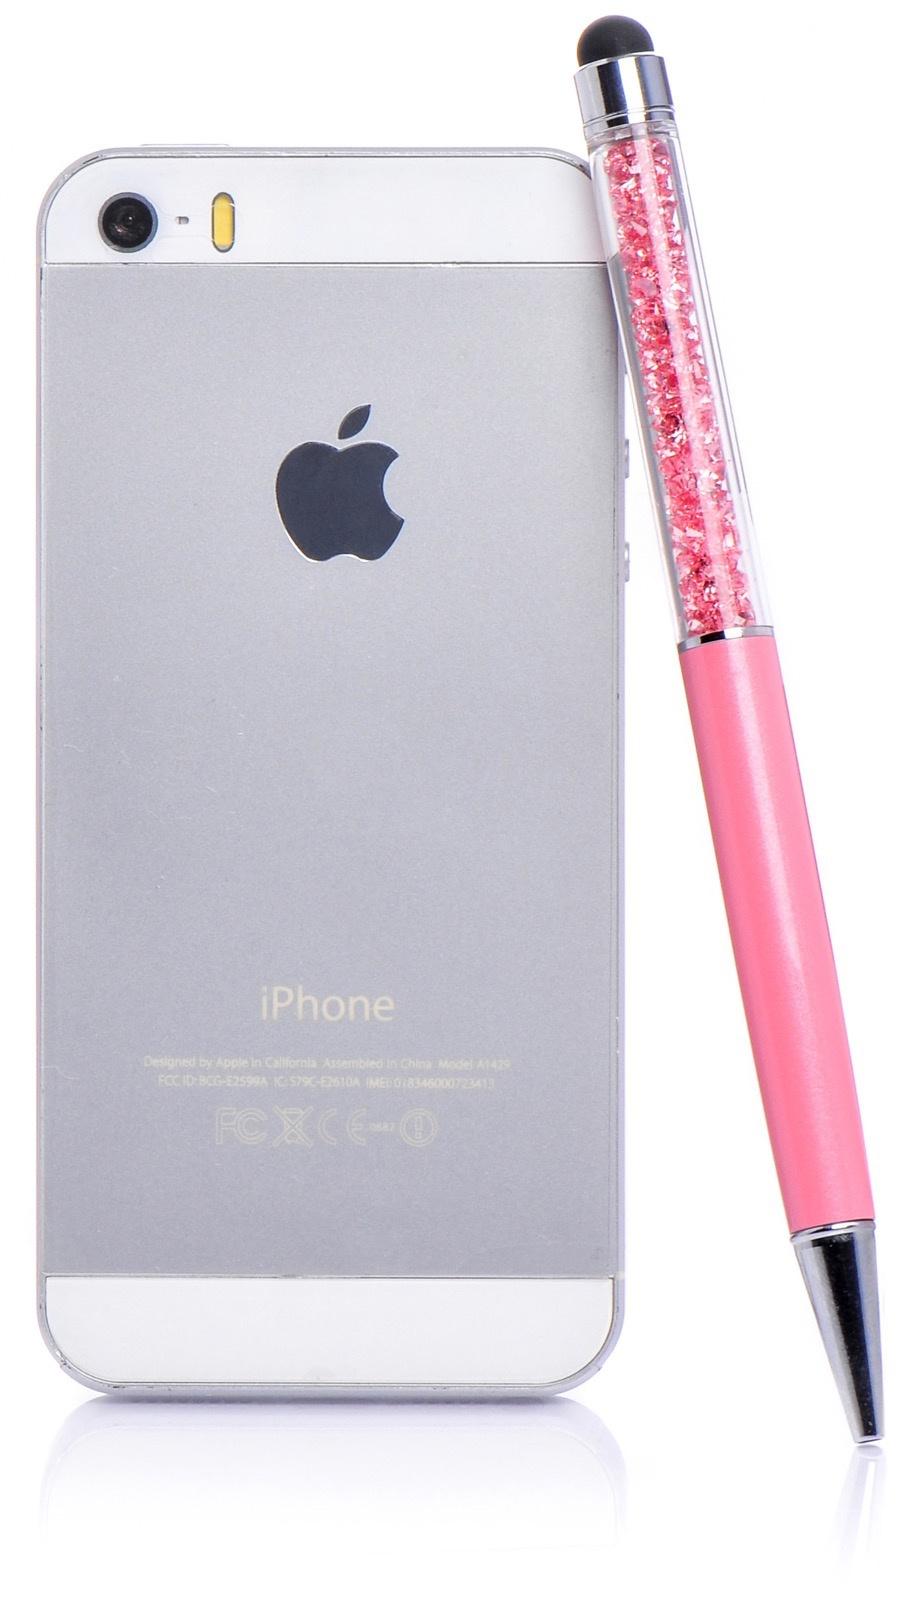 Стилус для мобильного телефона iNeez стилус - ручка rose емкостной с кристаллами, розовый ручка стилус philippi doux in a black pencil case z54069 30